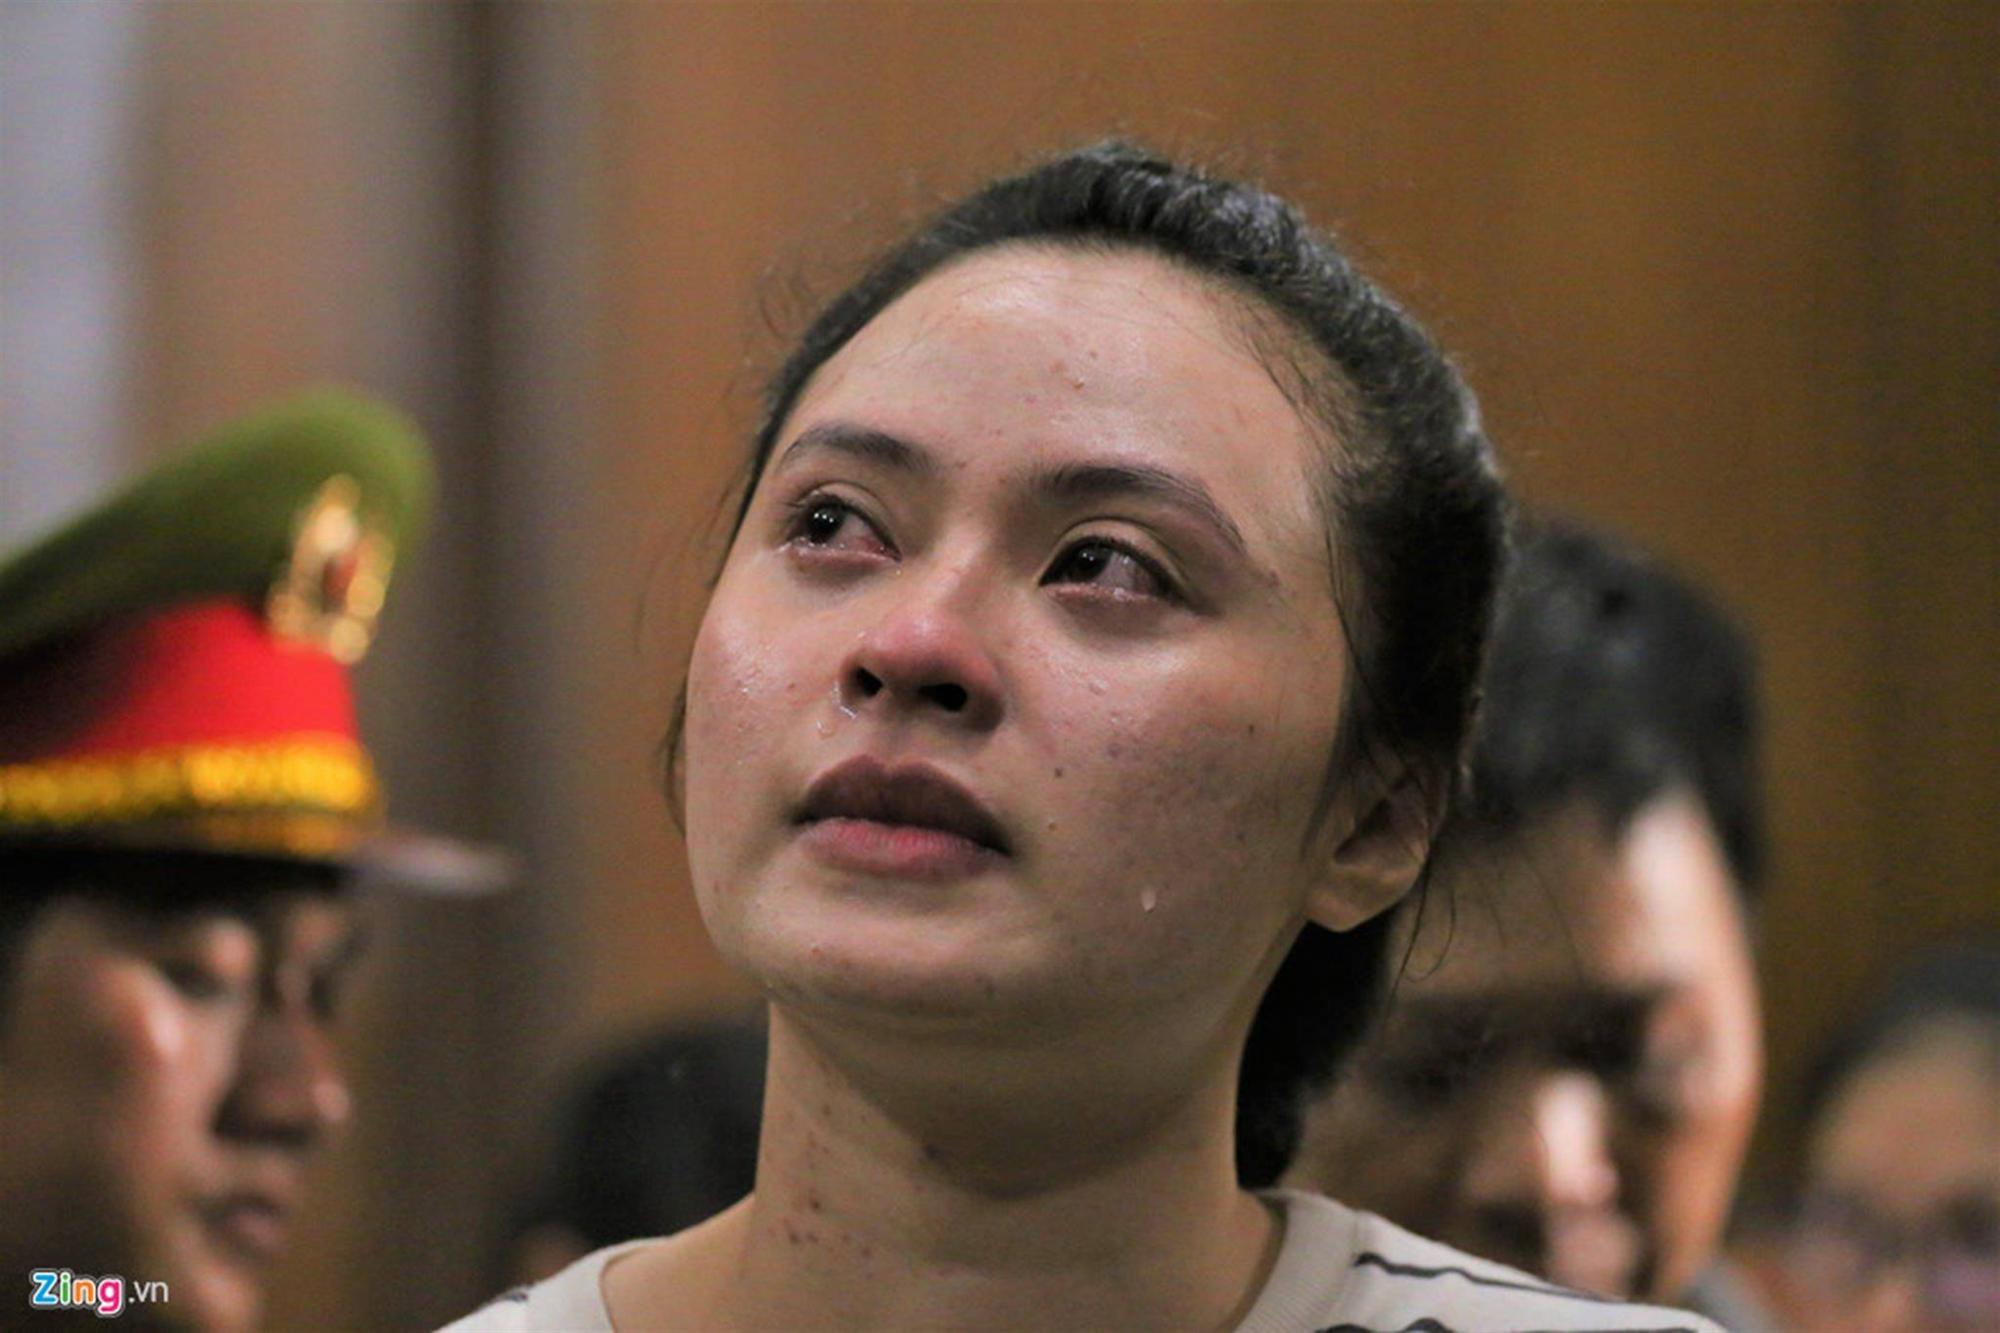 Cảm xúc trái chiều của Ngọc Miu và nhiều bị cáo khi VKS đề nghị án-2